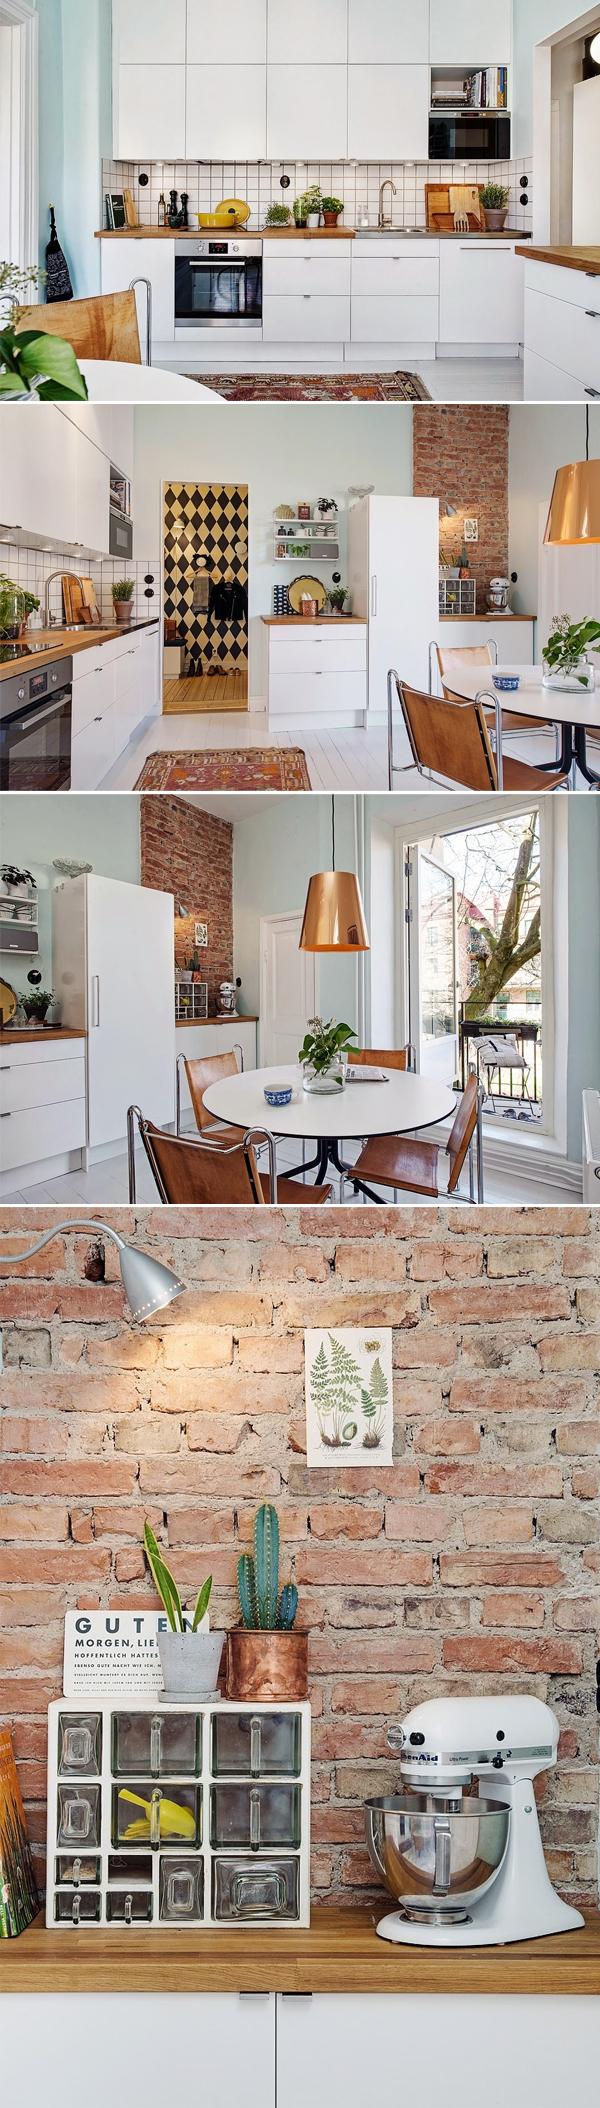 Apartamento-Inspiração em Göteborg, Suécia | Cozinha